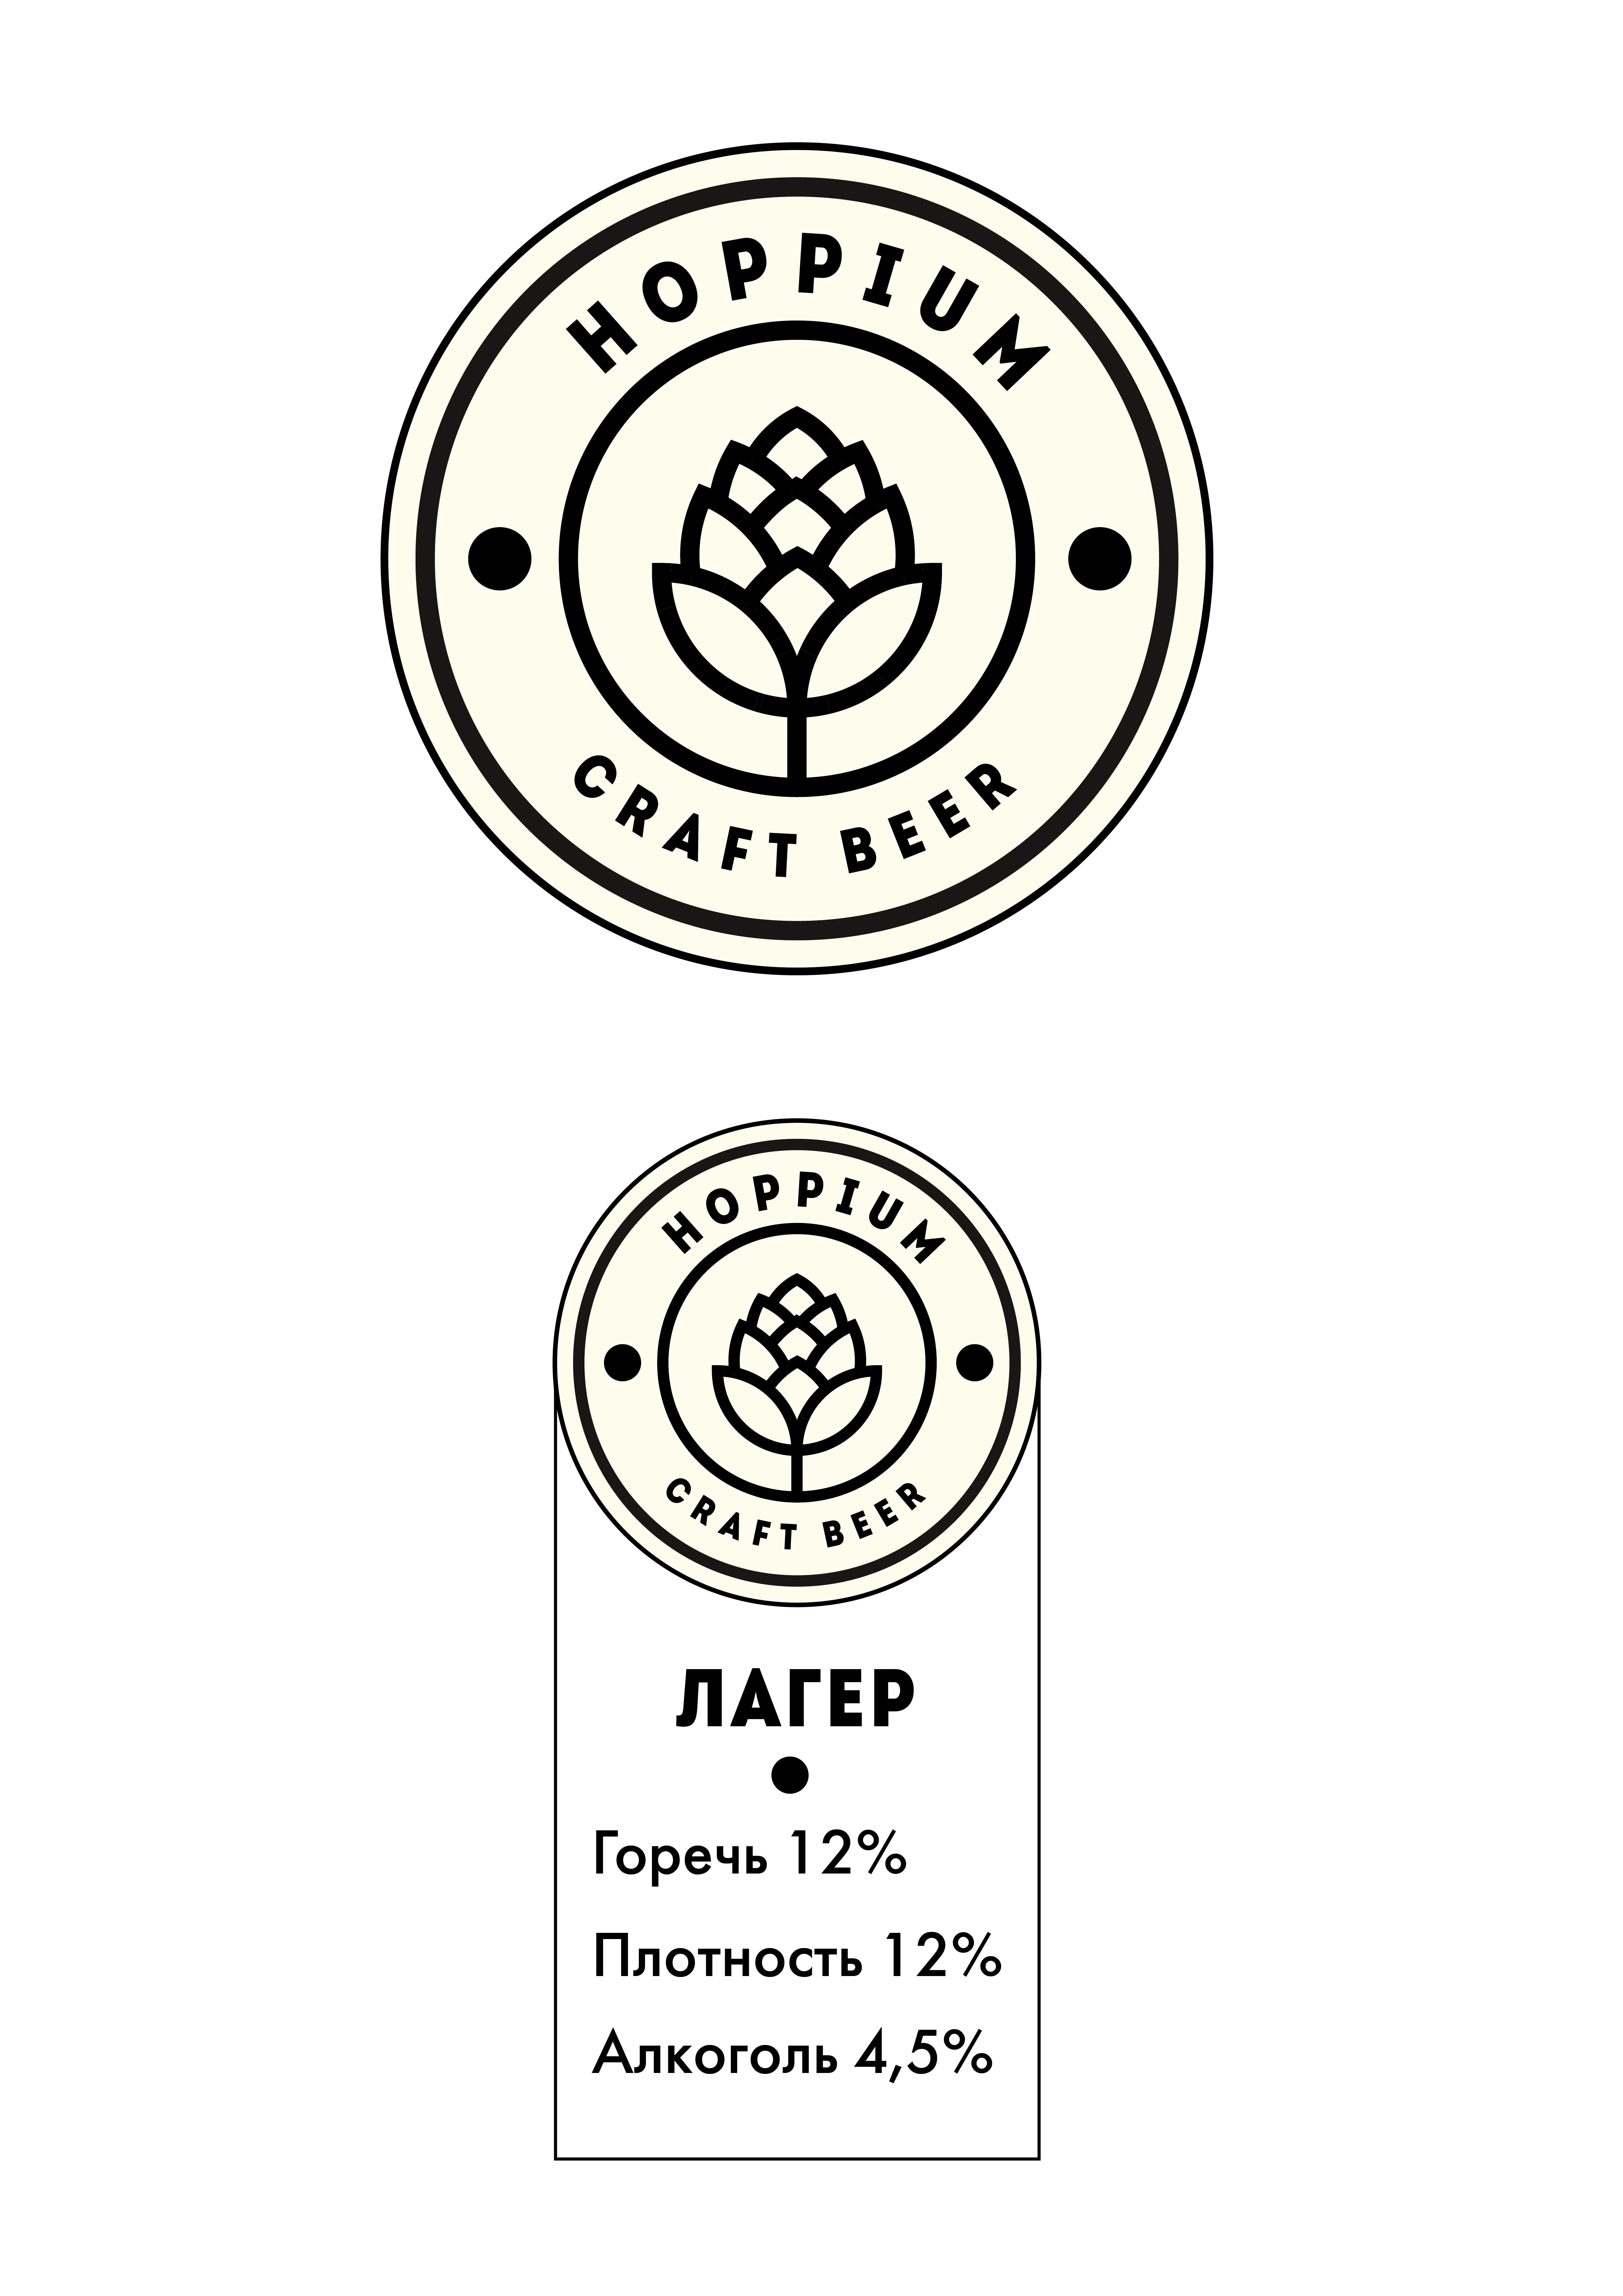 Логотип + Ценники для подмосковной крафтовой пивоварни фото f_5445dbf0175af33f.jpg